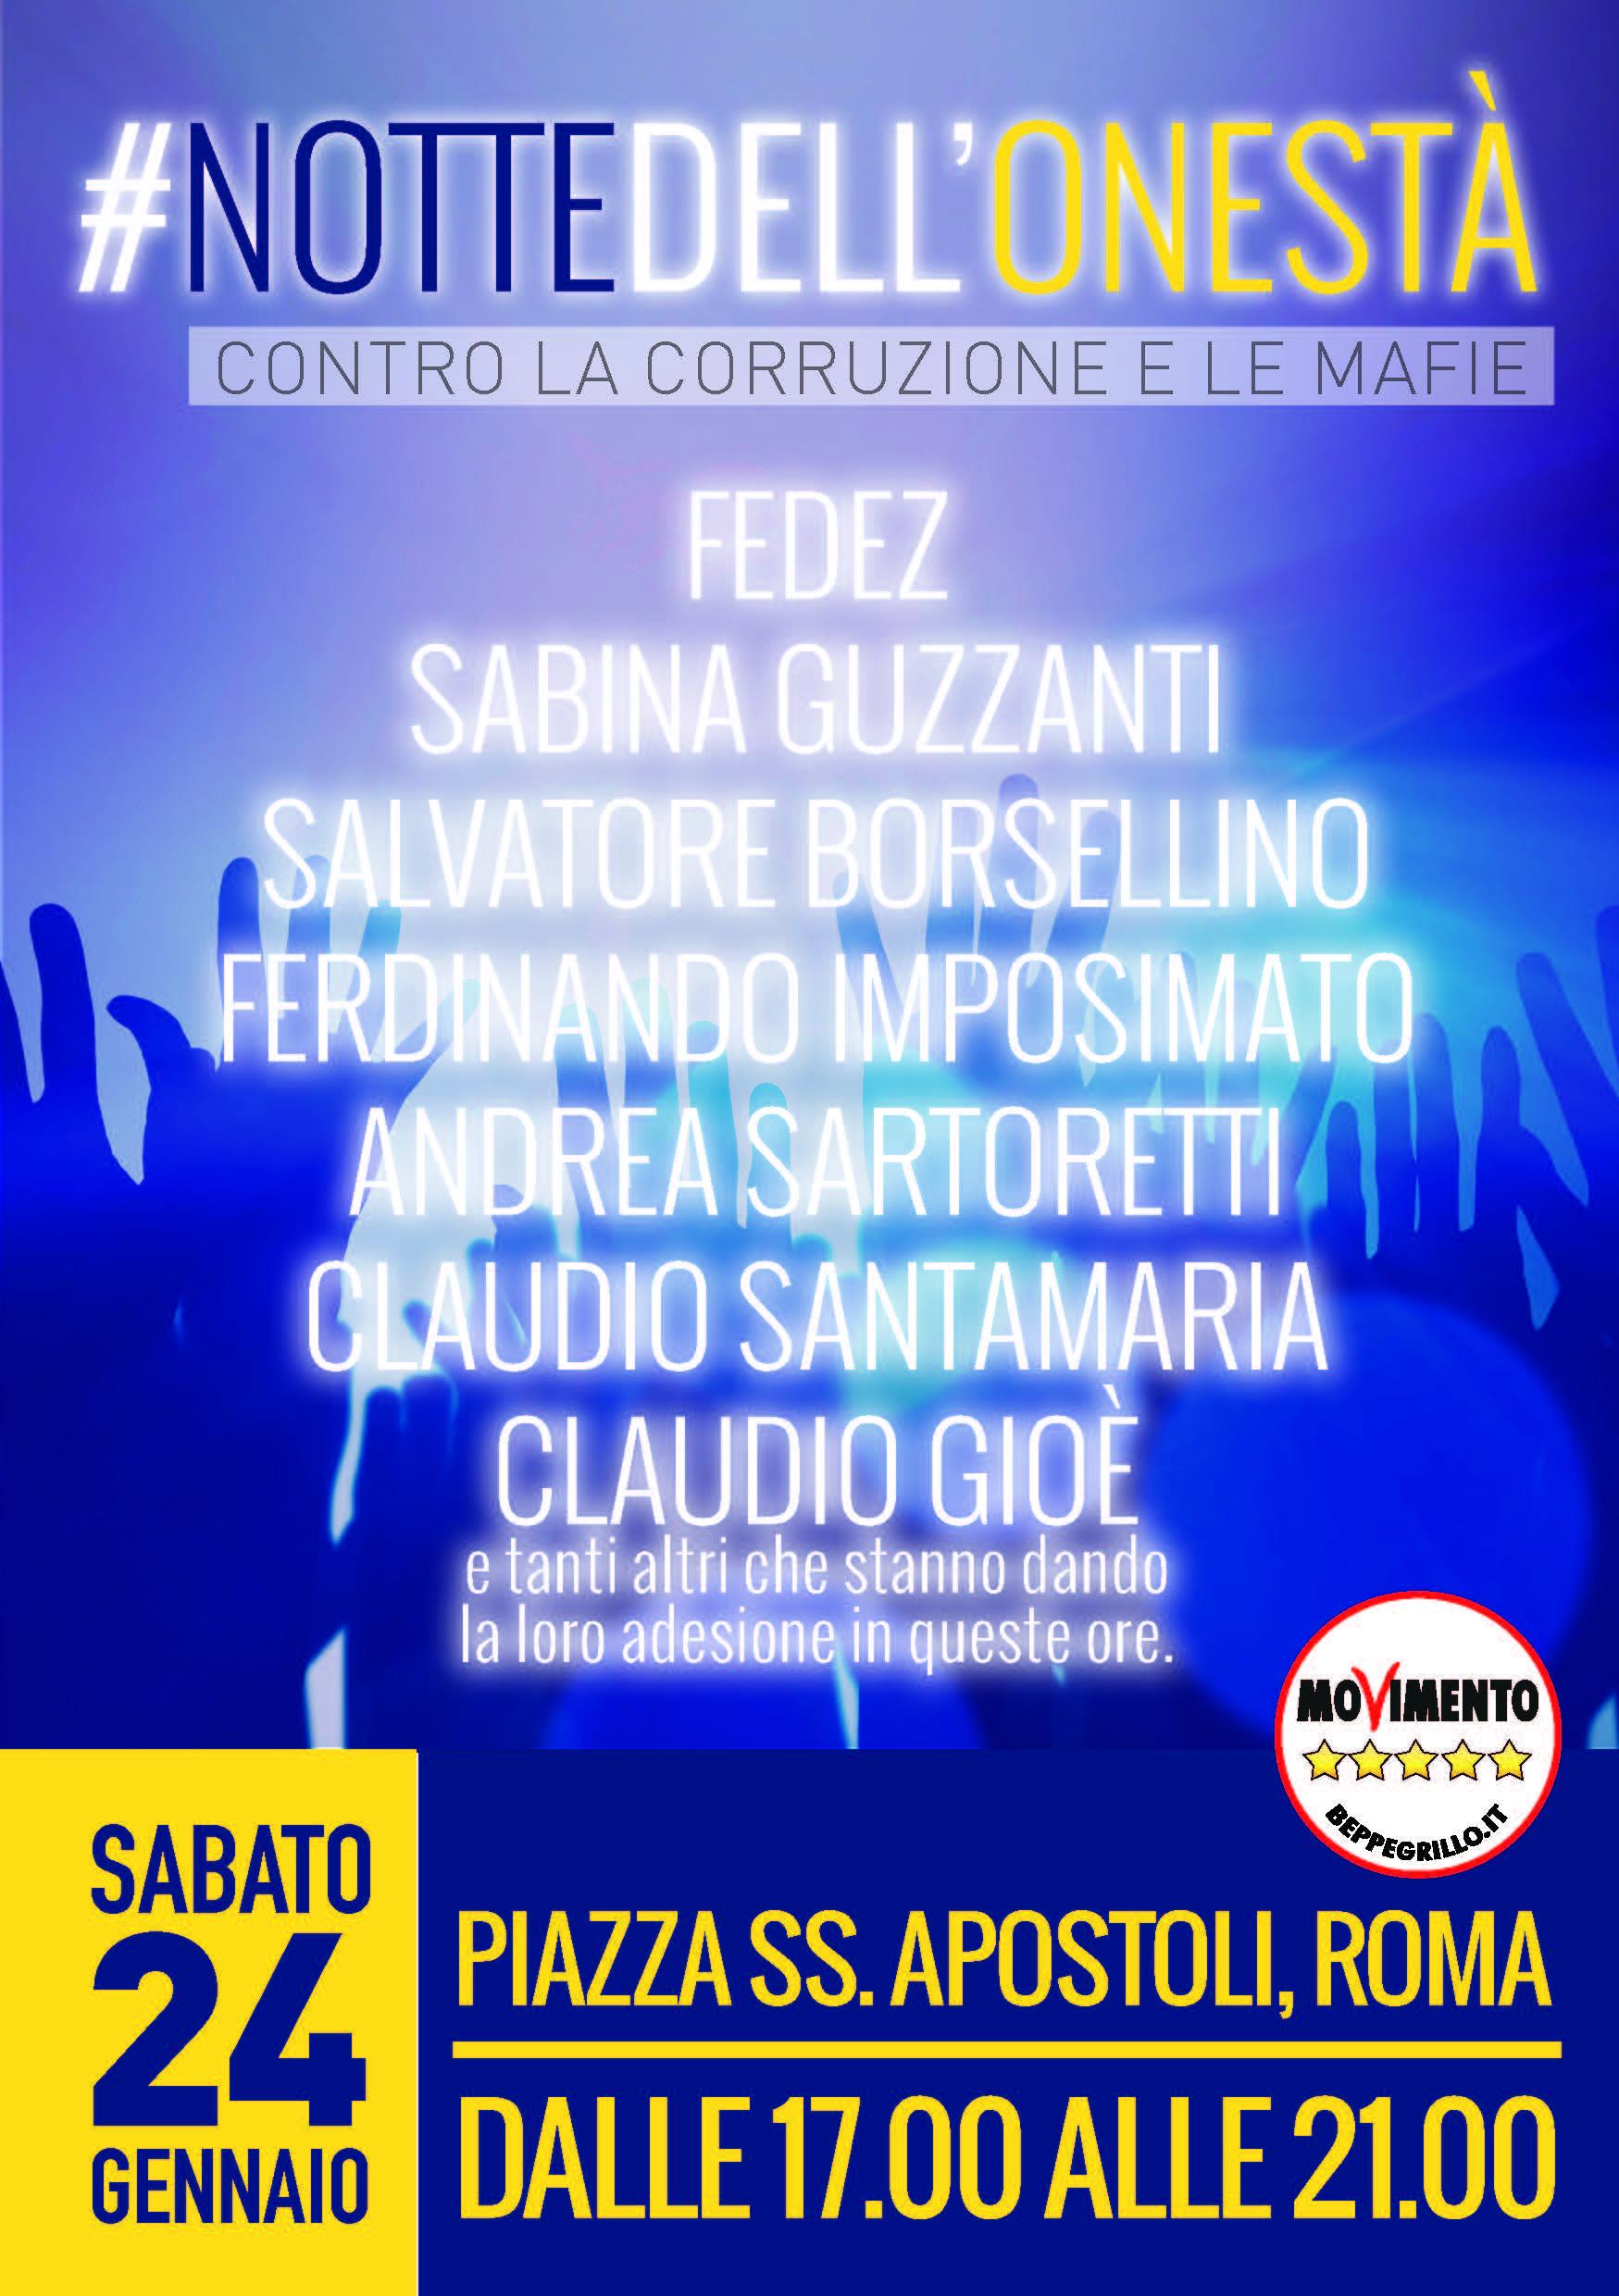 volantino_notte_onesta_solo_fronte